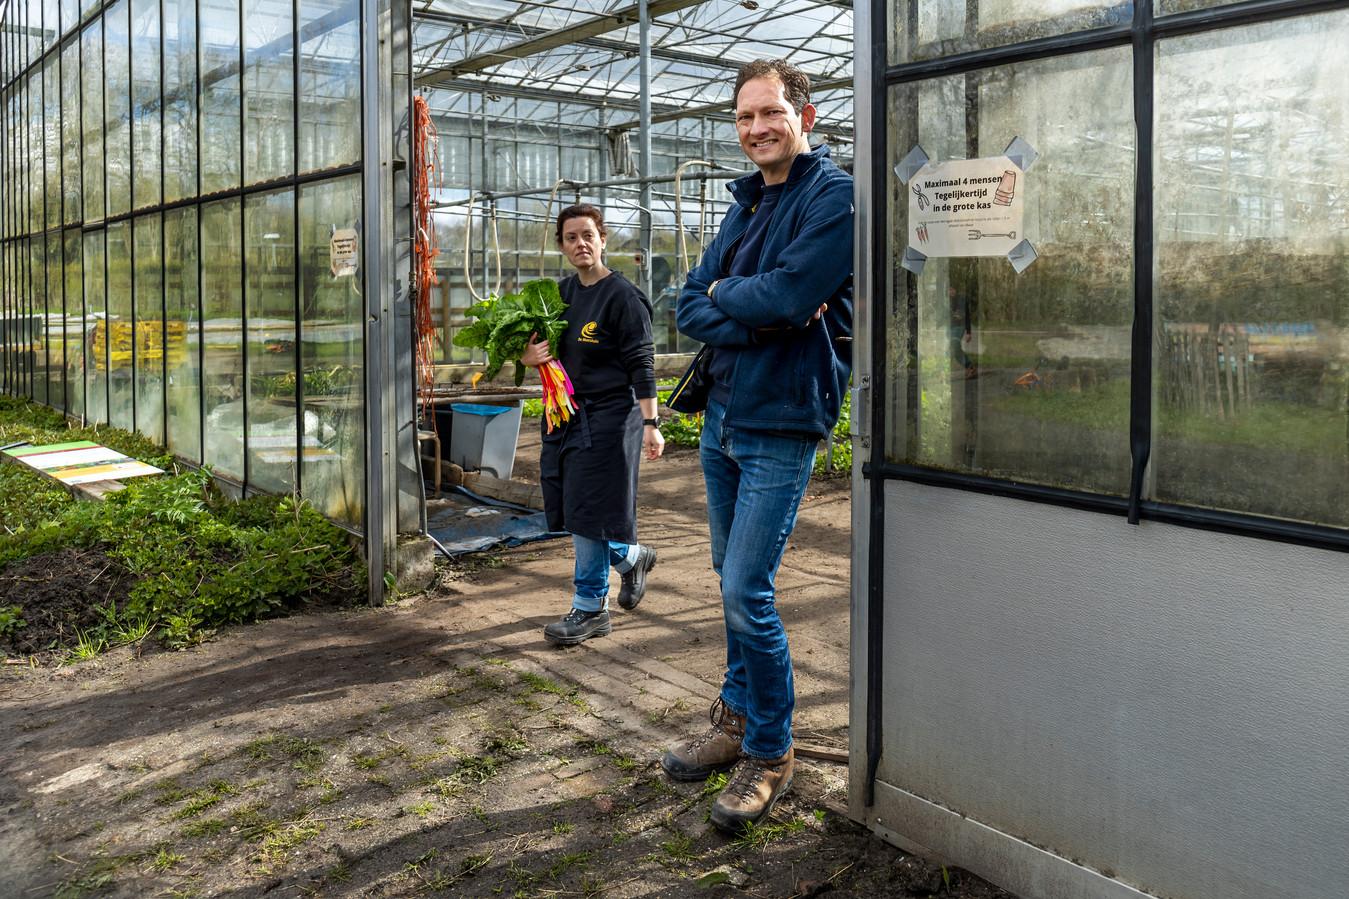 Directeur Pieter Jagtman van De Moestuin en medewerker Ariane van Oudheusden.